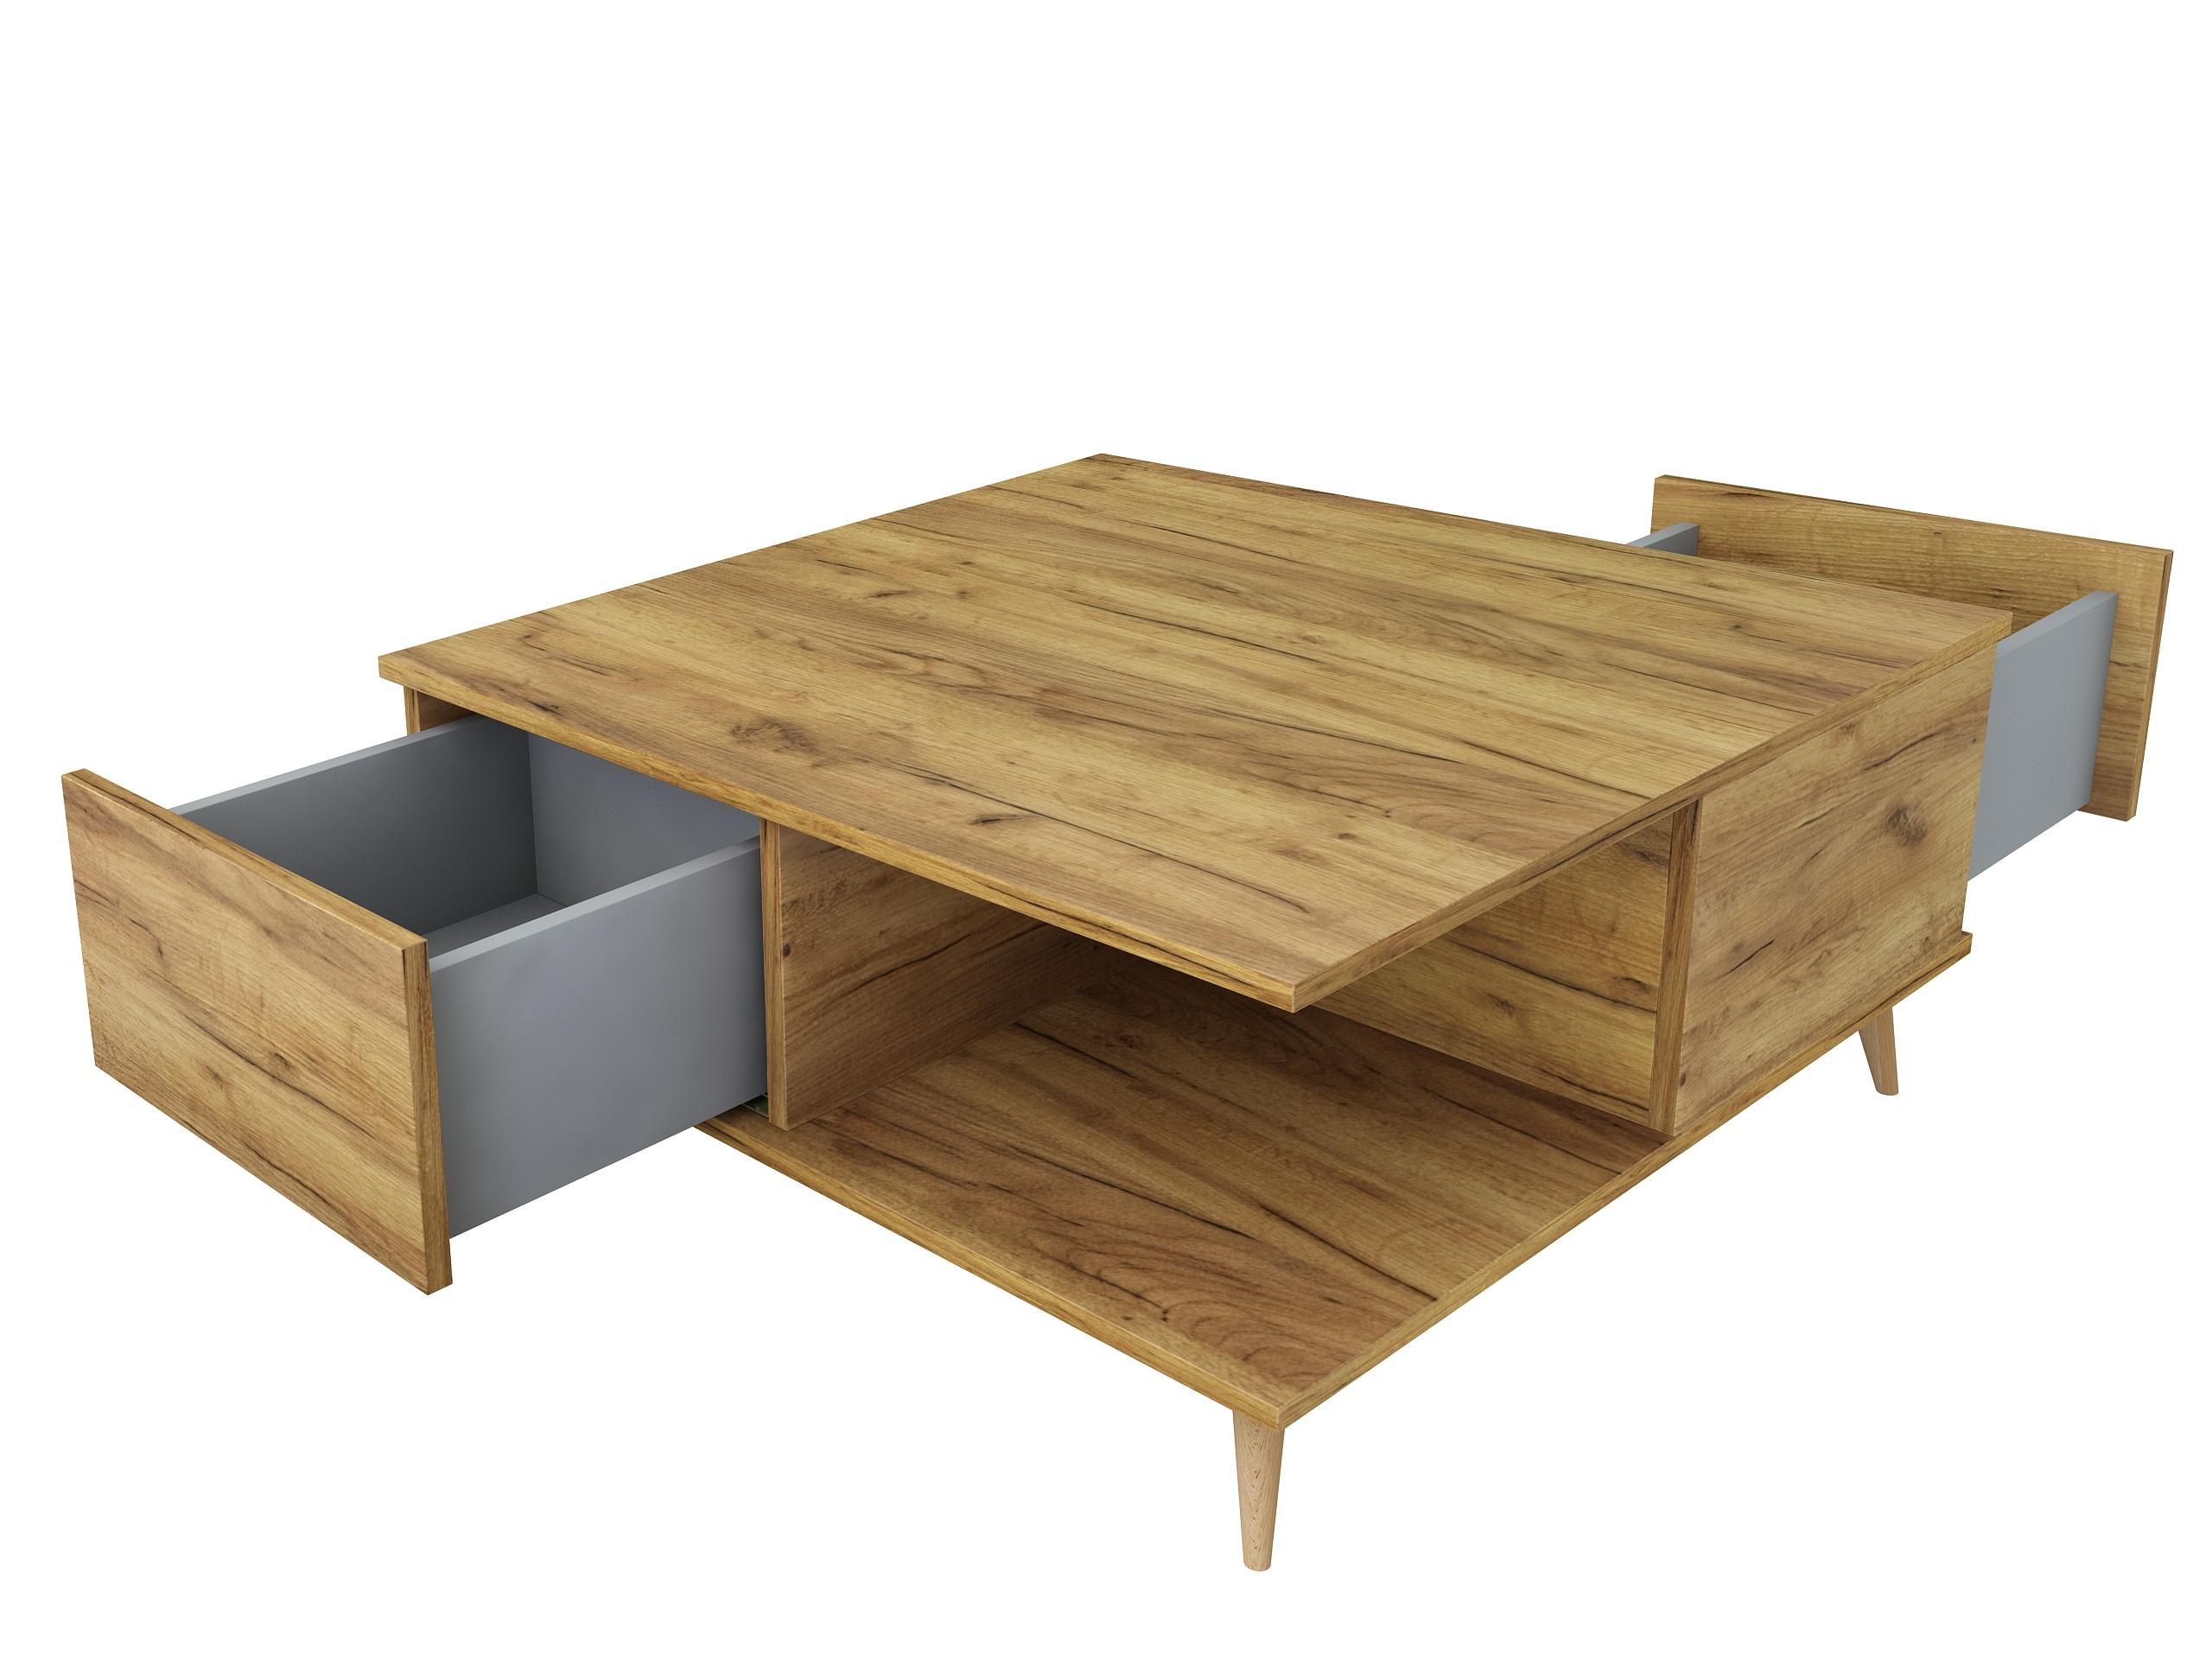 dąb craft złoty, stolik z szufladami, drewniane nóżki, ława w kolorze drewna